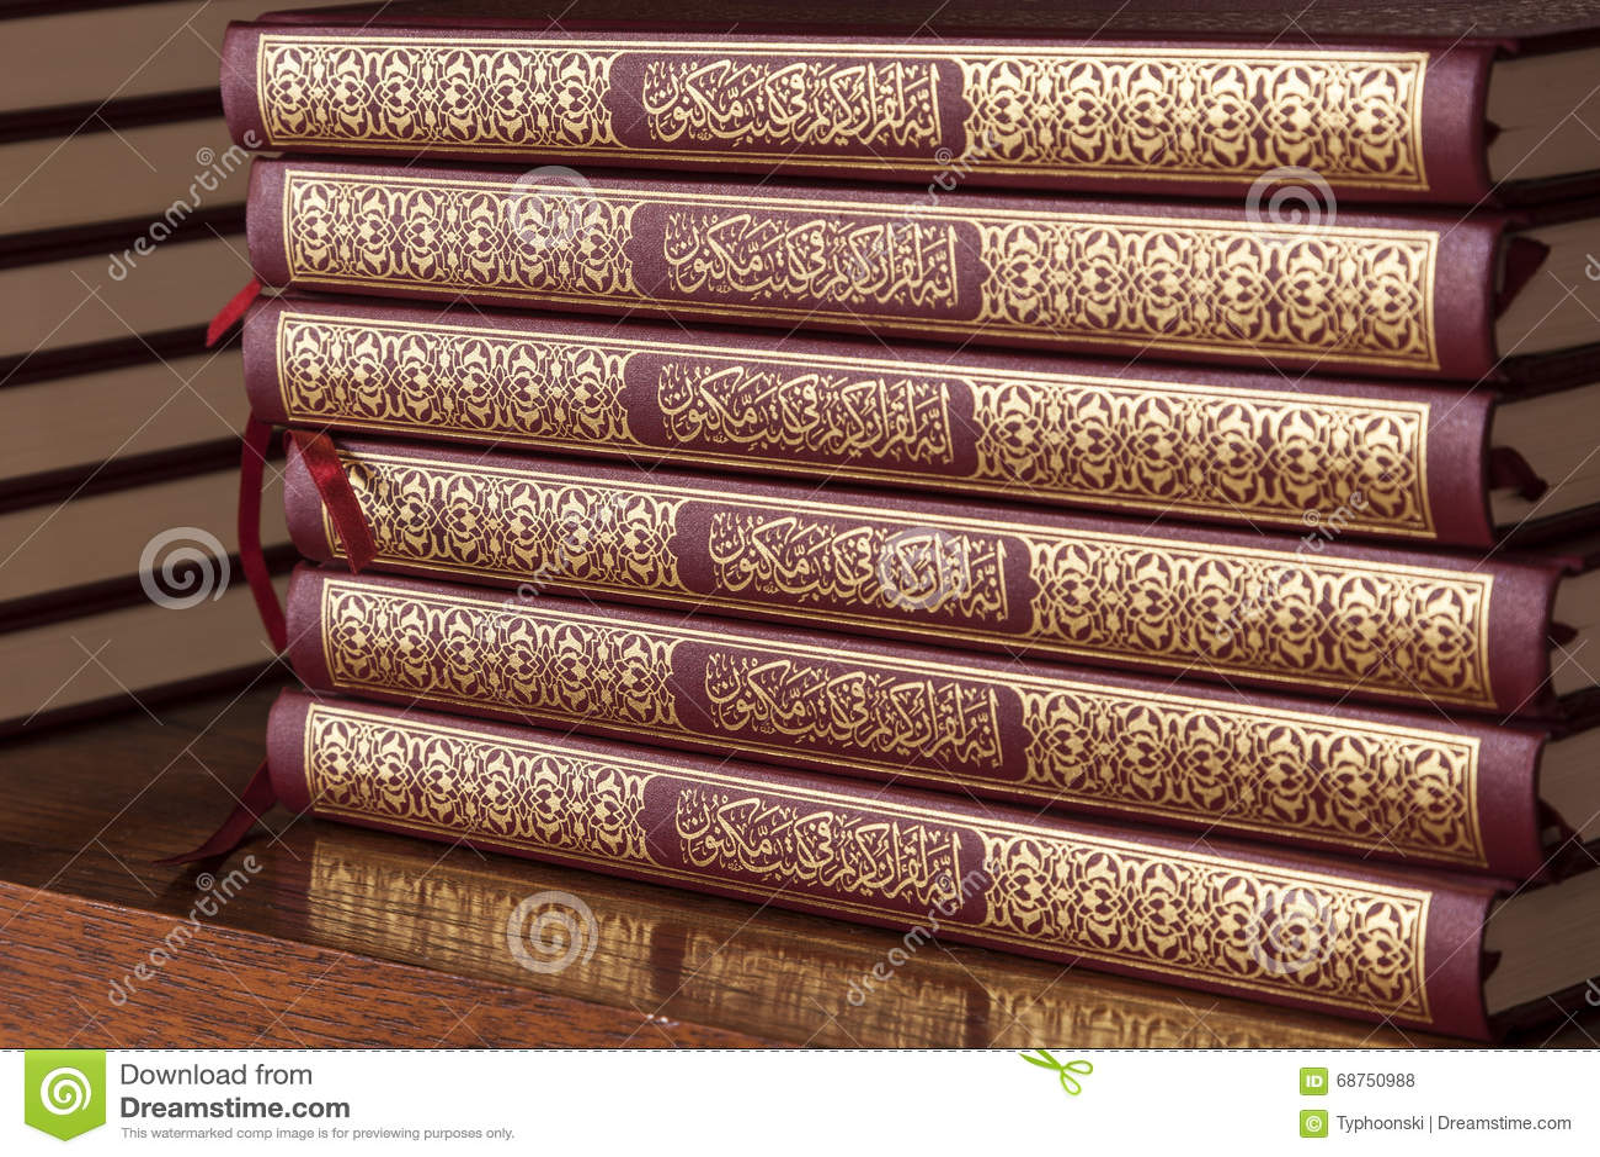 Quran - libro sagrado del Islam